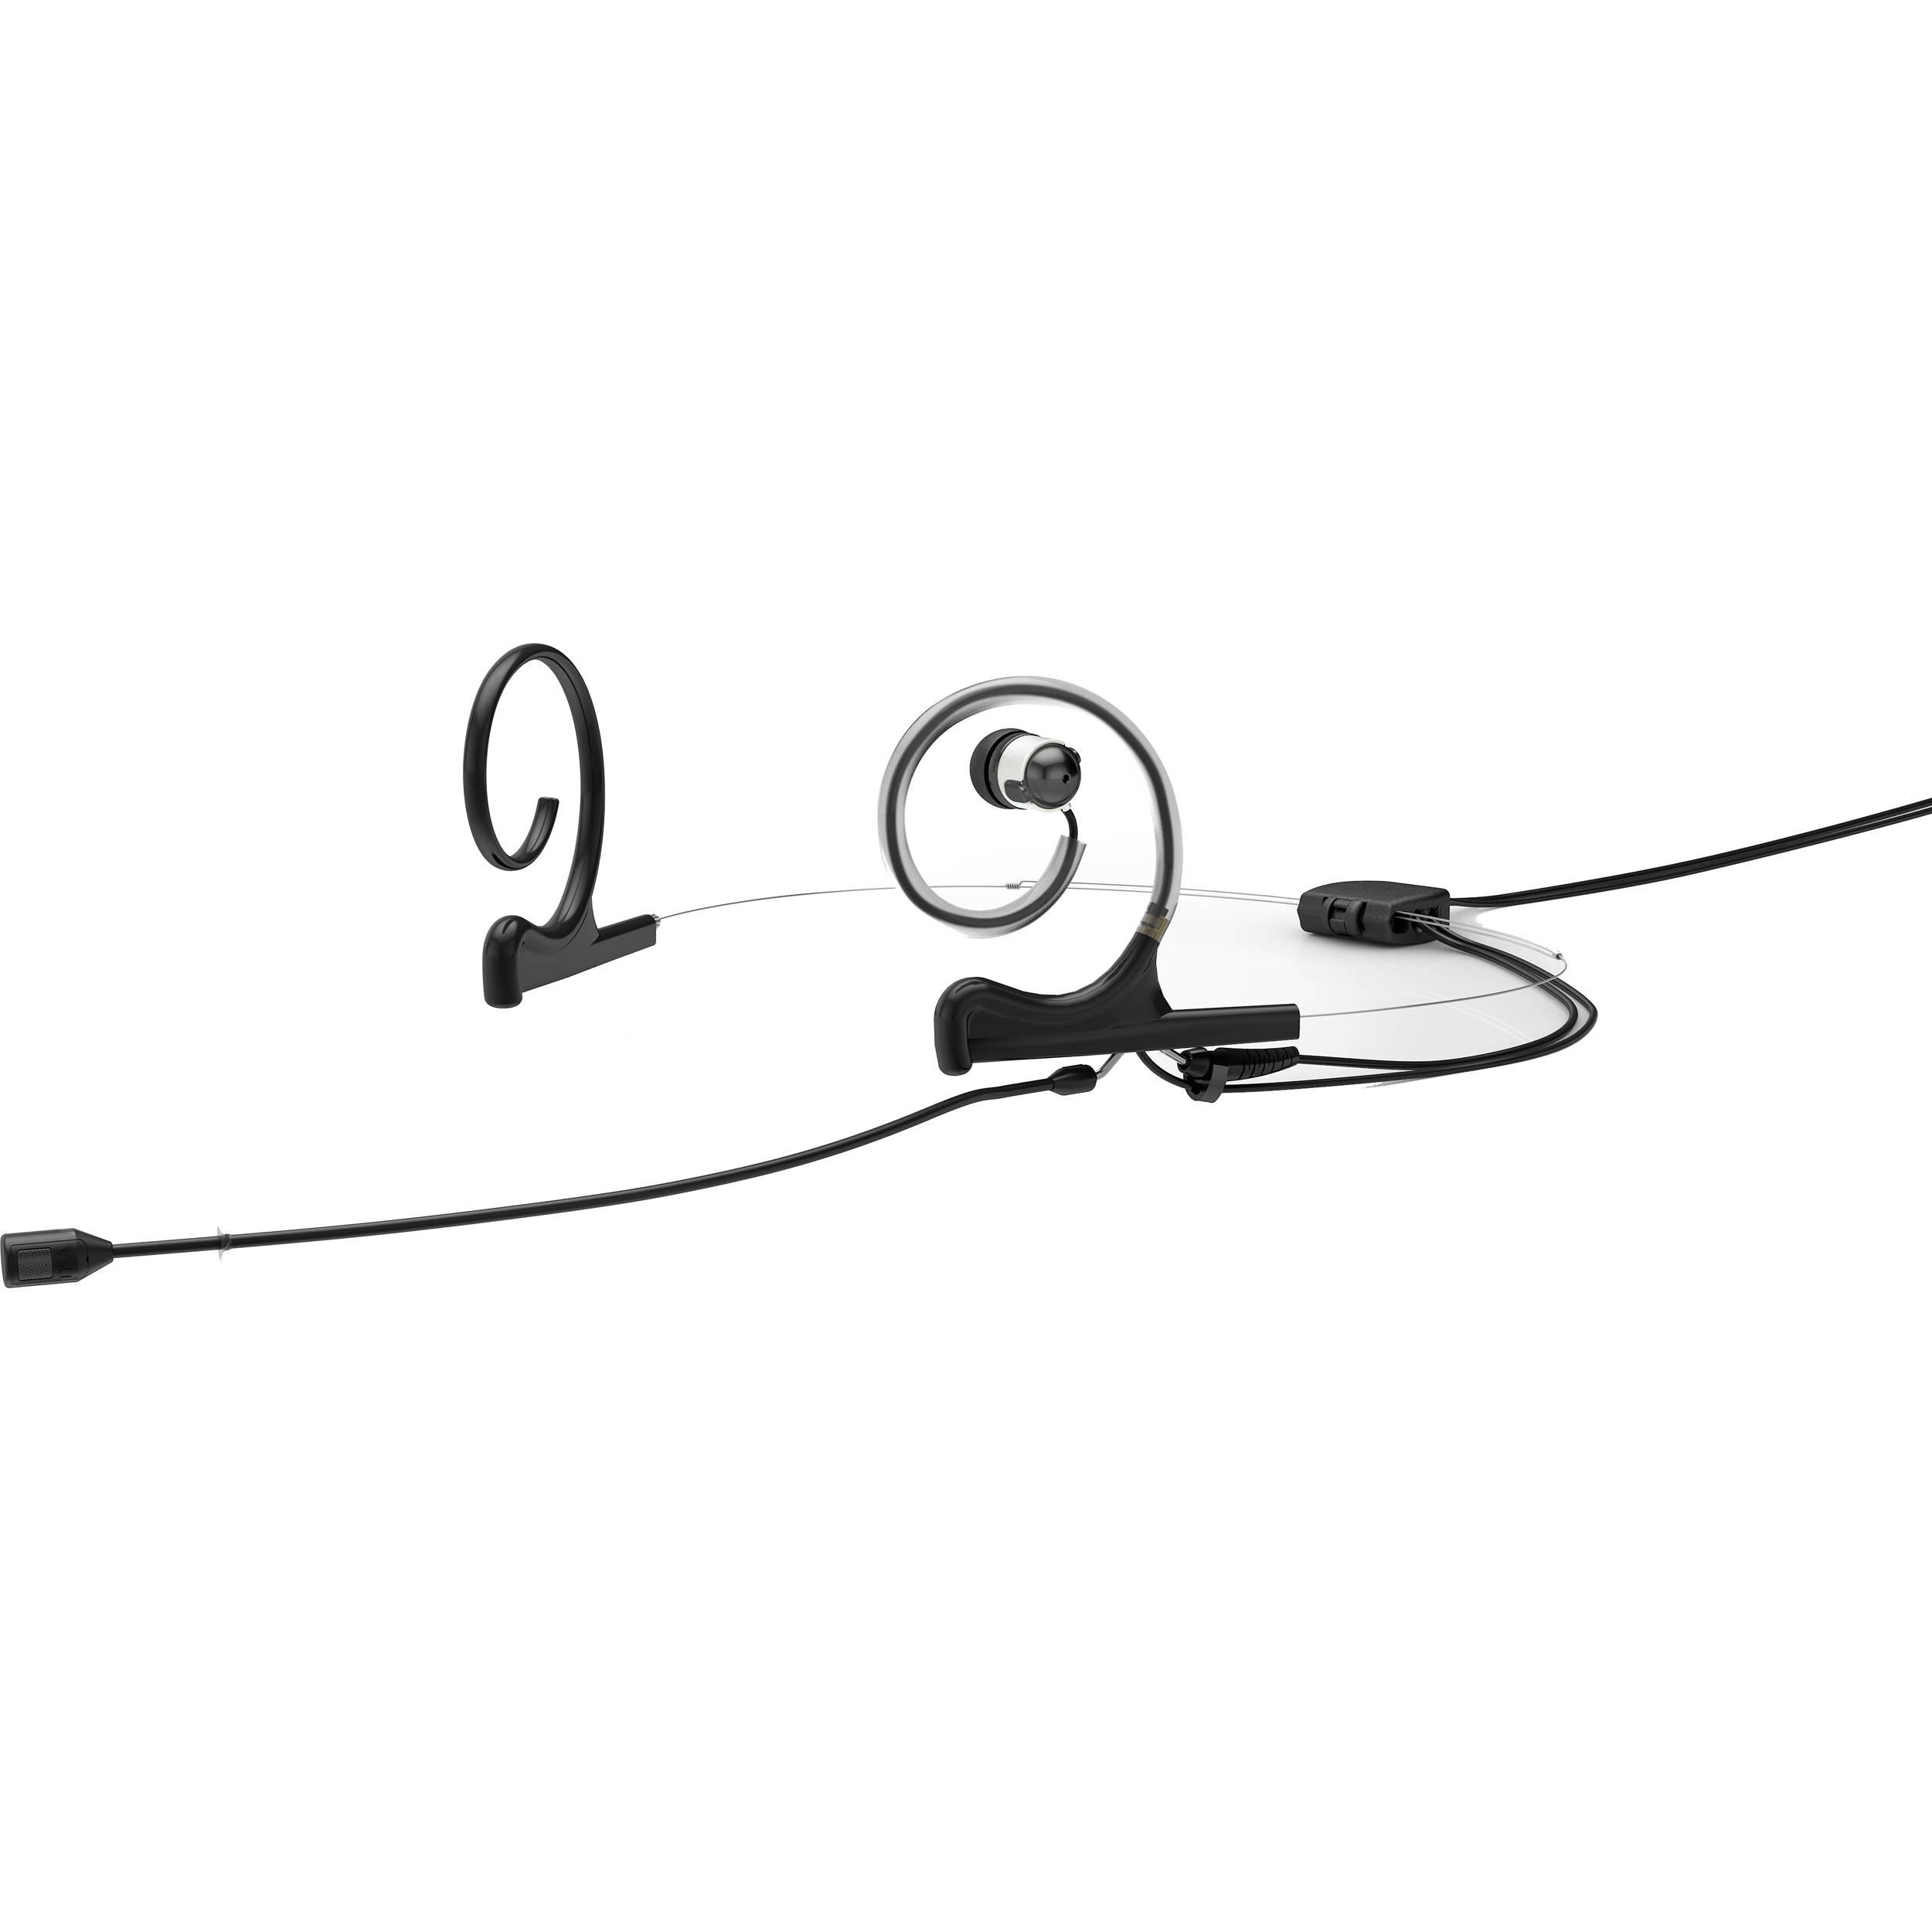 DPA Microphones d:fine 4088 In-Ear Broadcast FID88BA10-2-IE1-B